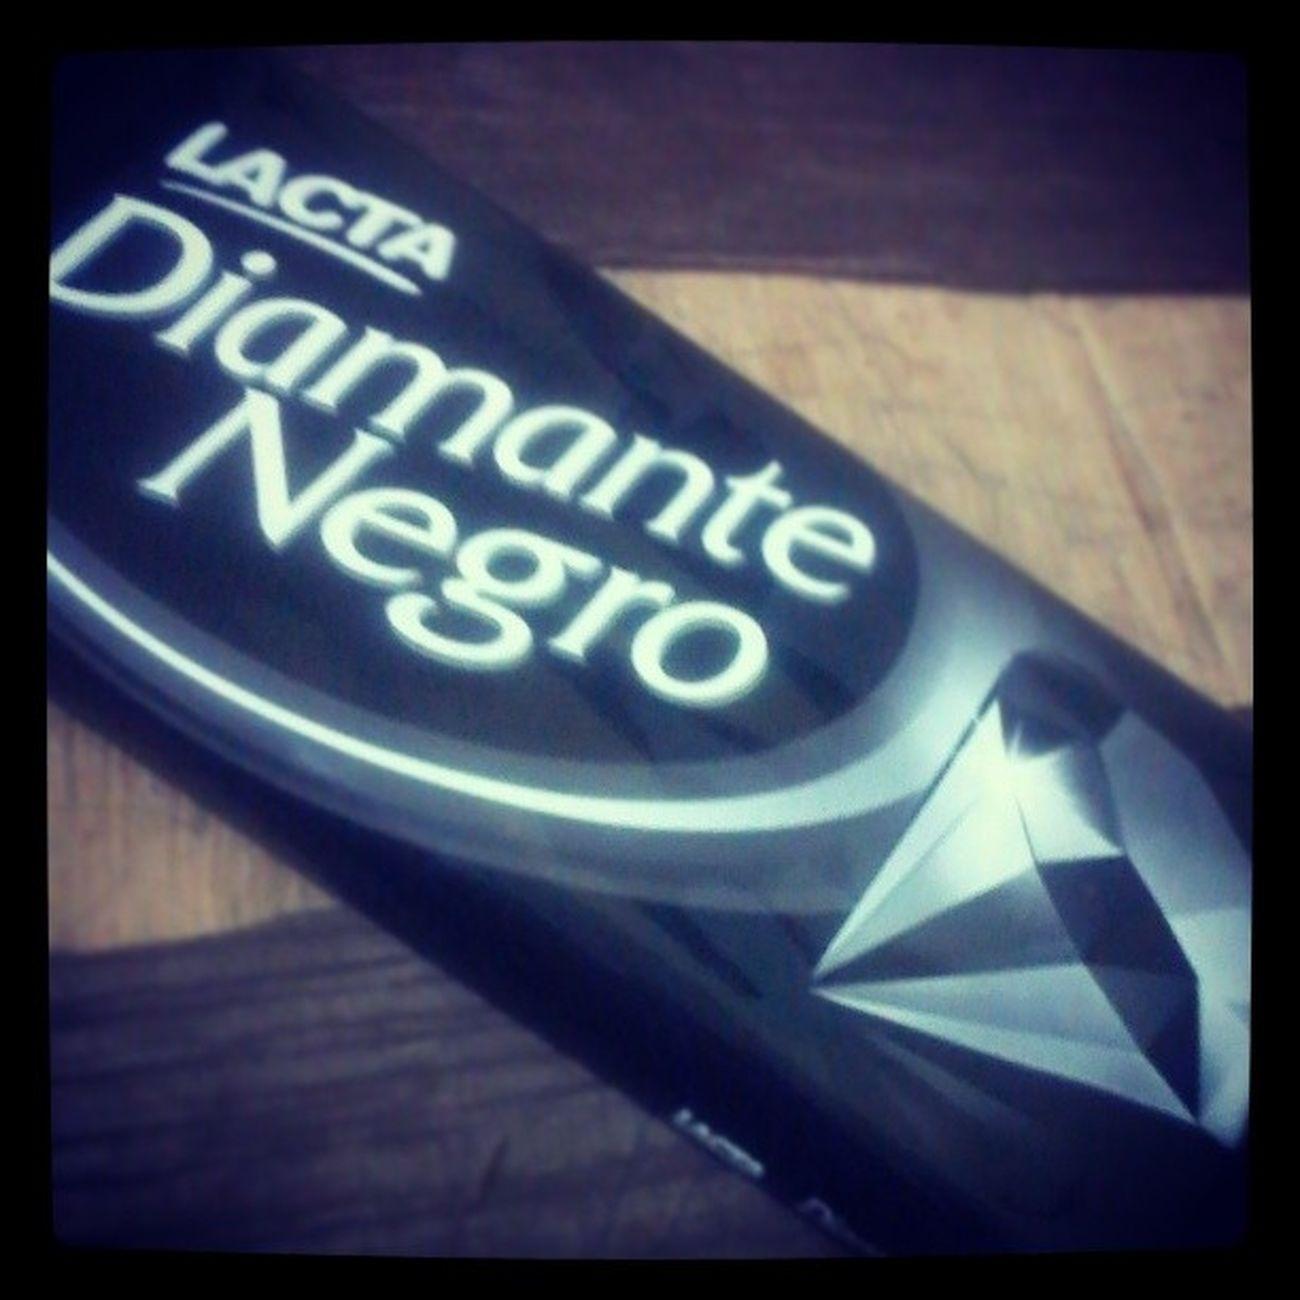 Terminar a noite com essa preciosidade.... Cholover Diamantenegro Diamonblack Chocolate Goodnight Godbless